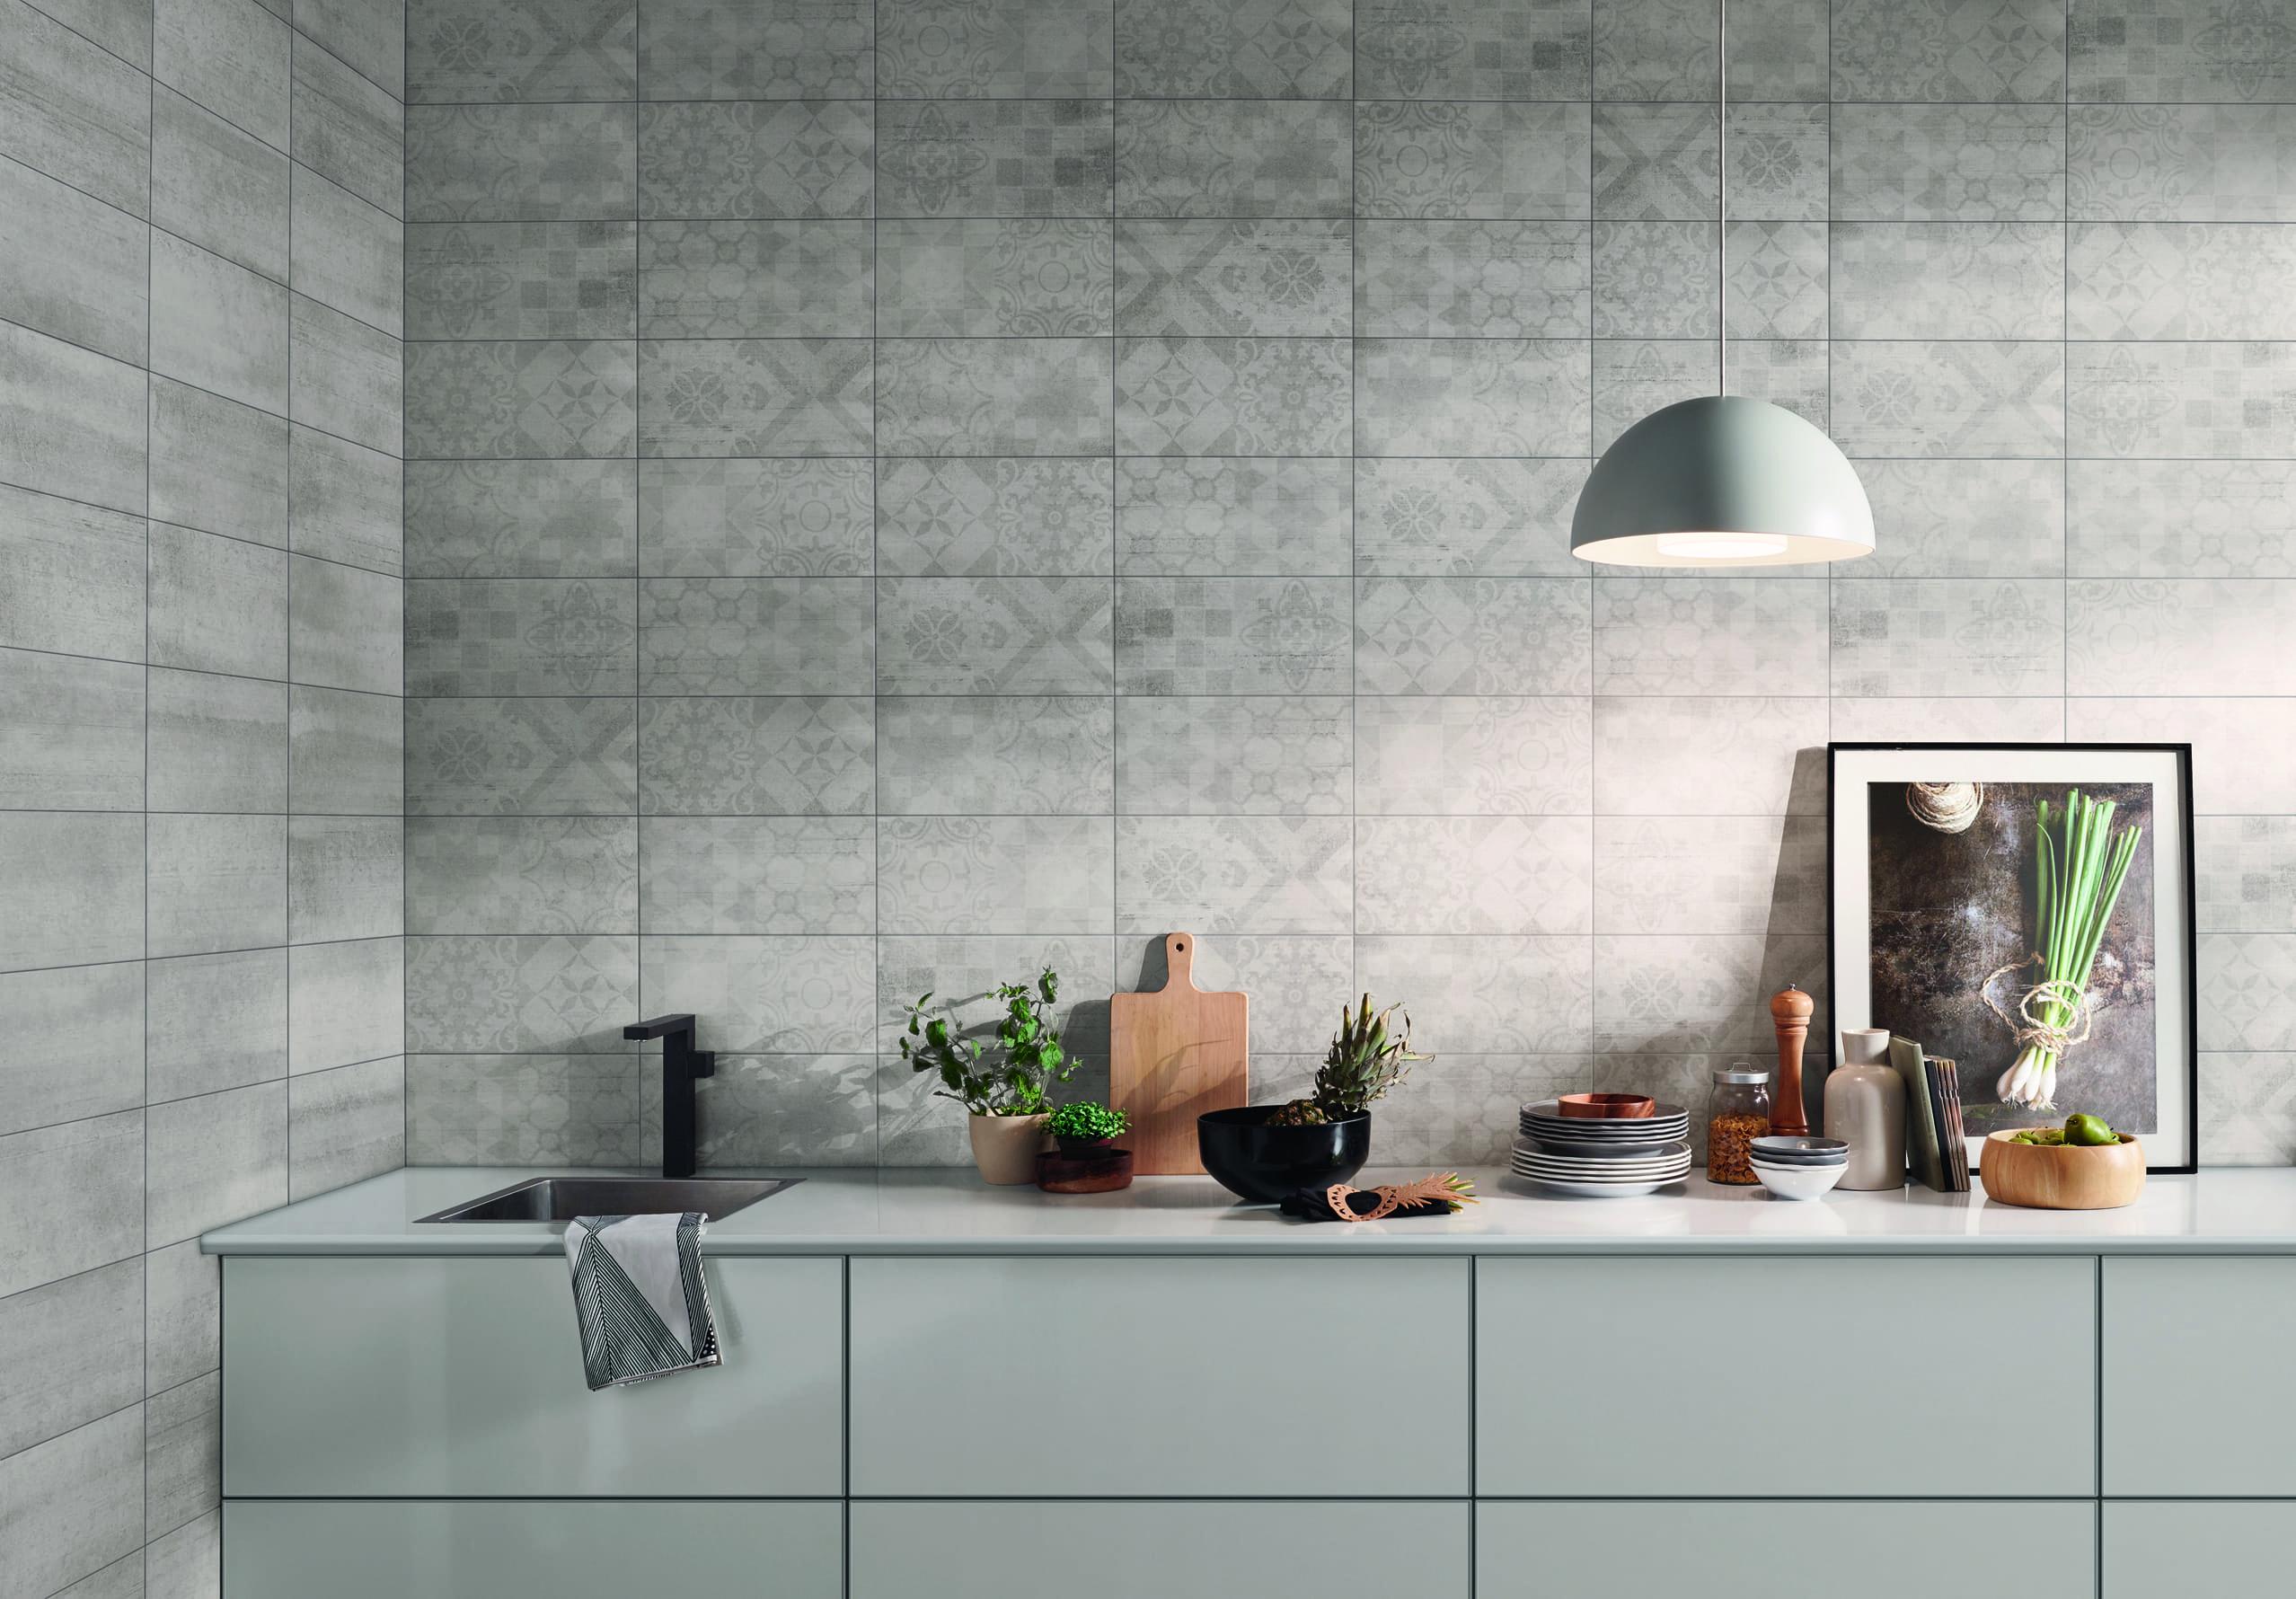 Tibre-Cozinha-Amb2.jpg